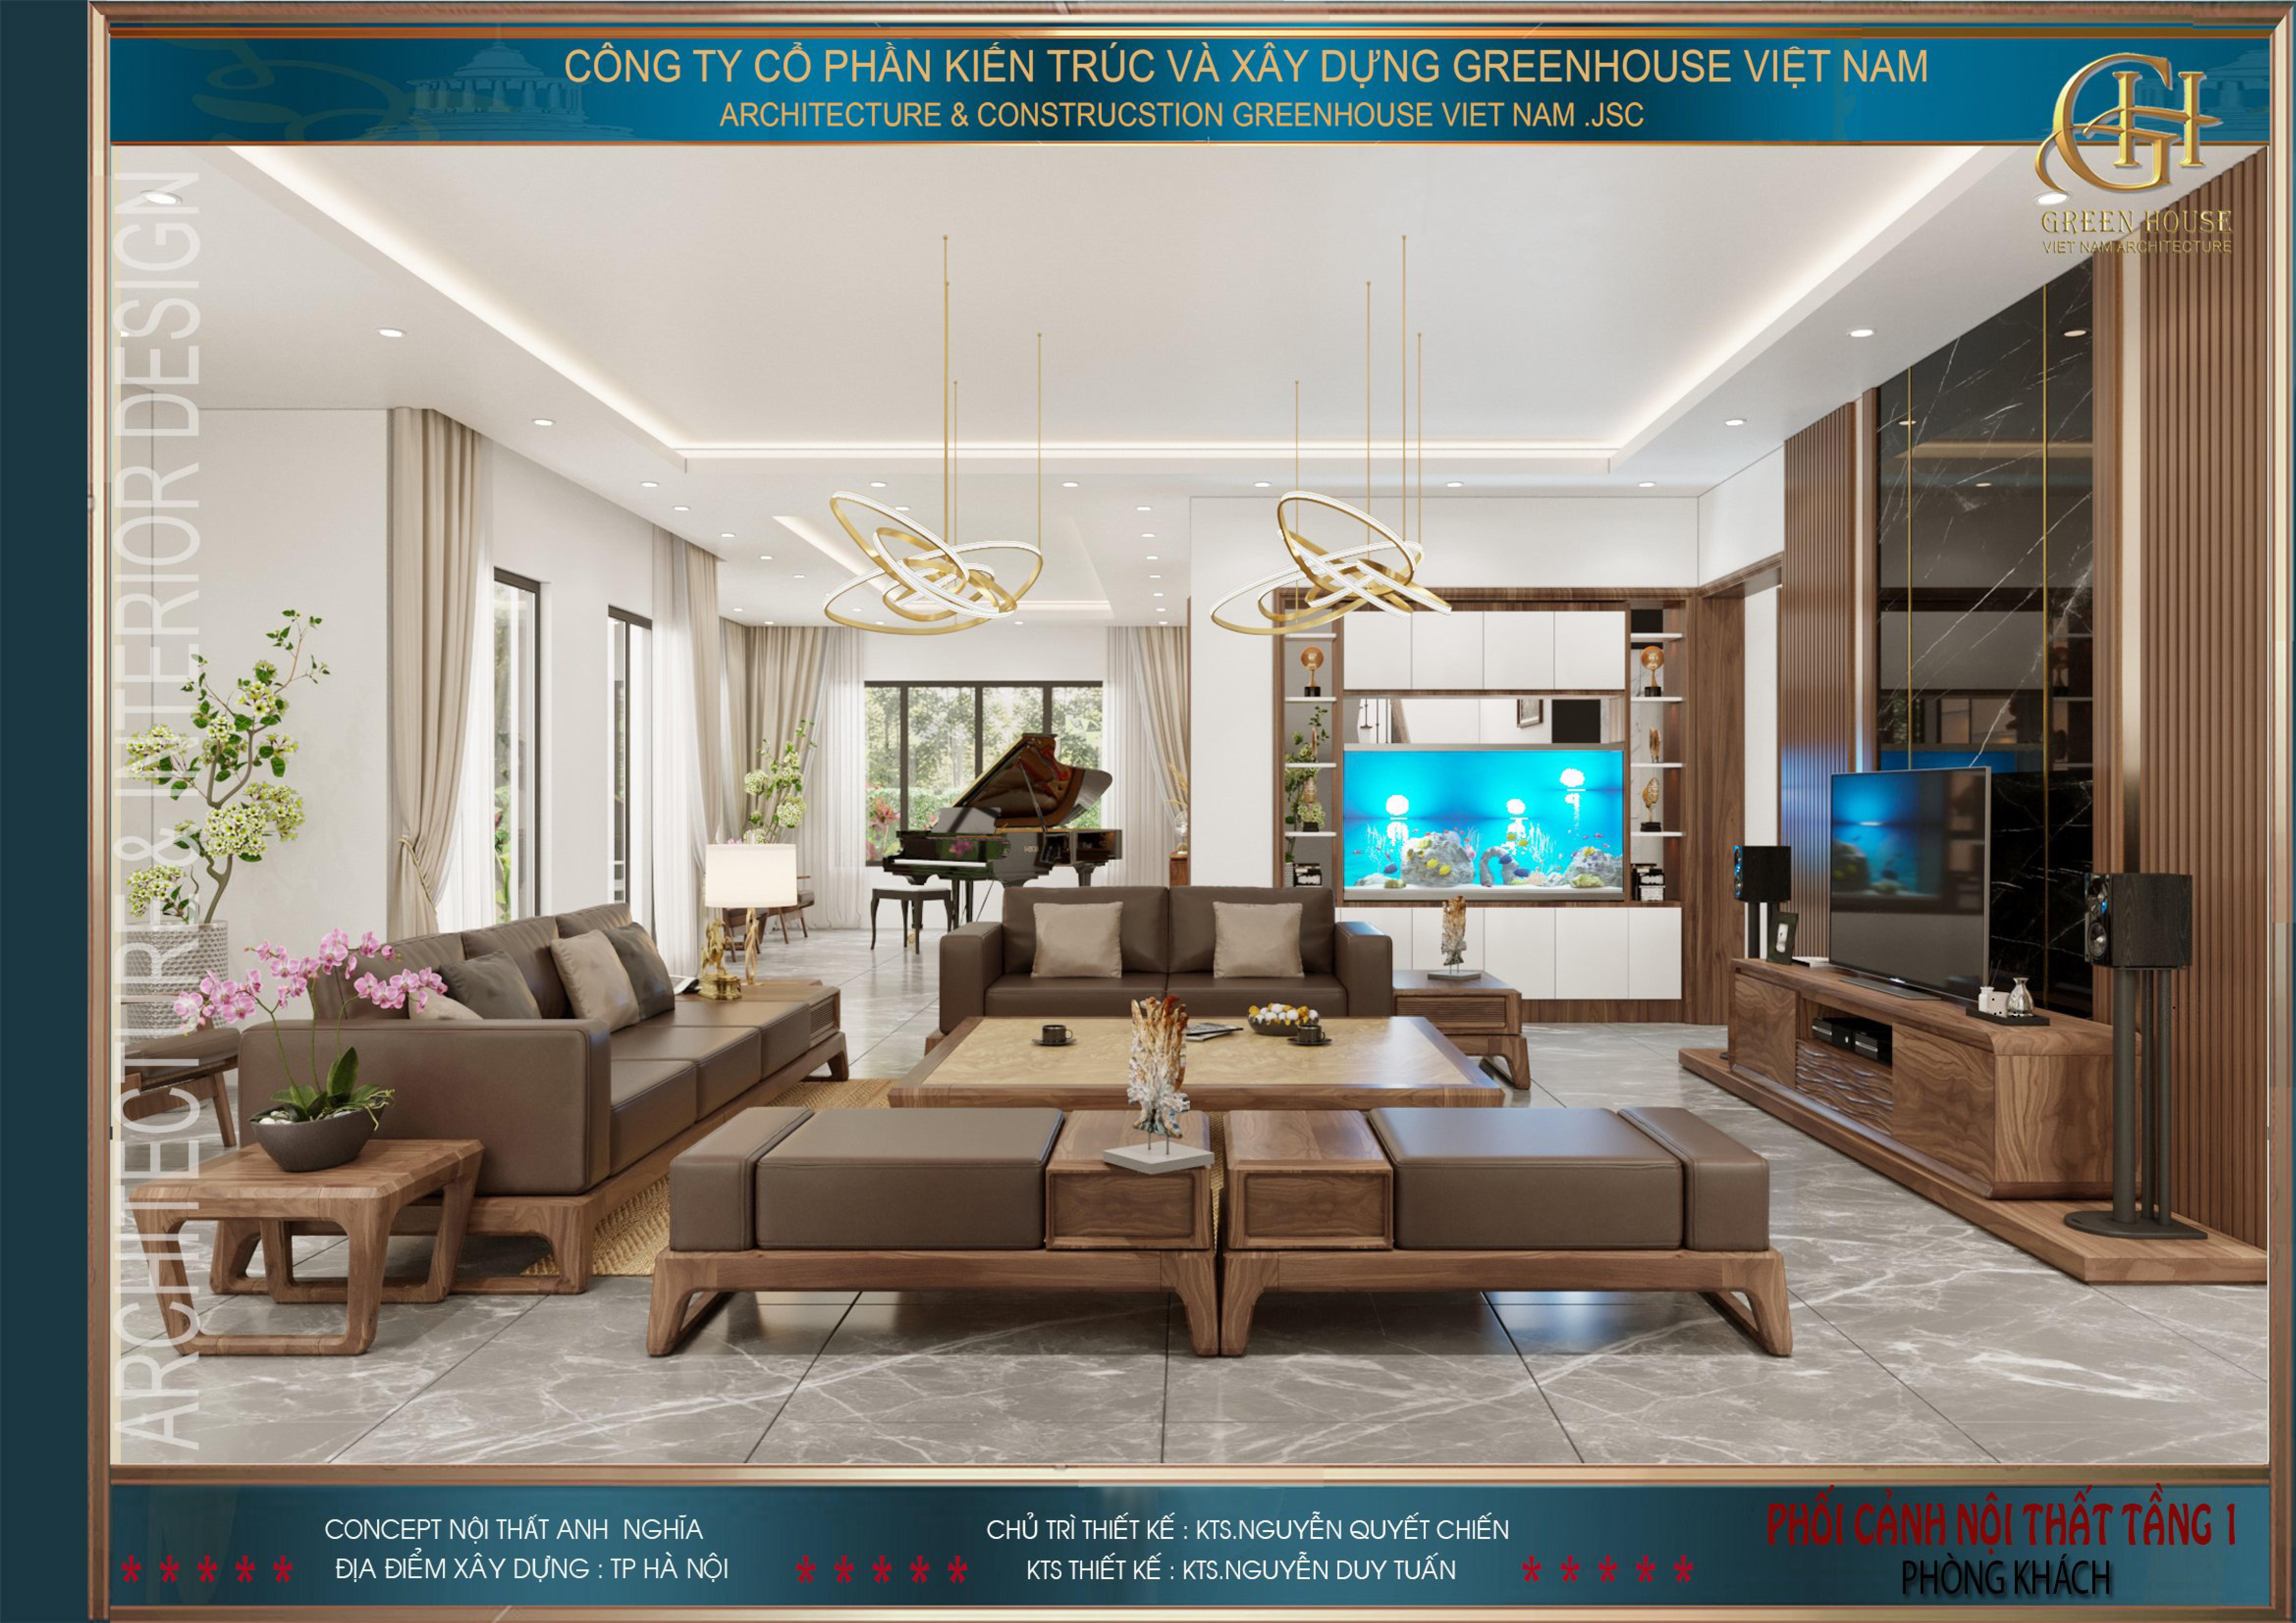 Sở hữu gu thẩm mỹ tinh tường, không gian phòng khách này được KTS sắp xếp và bày trí vật dụng ngăn nắp, đẹp mắt khiến ai dừng chân cũng đều khen ngợi.